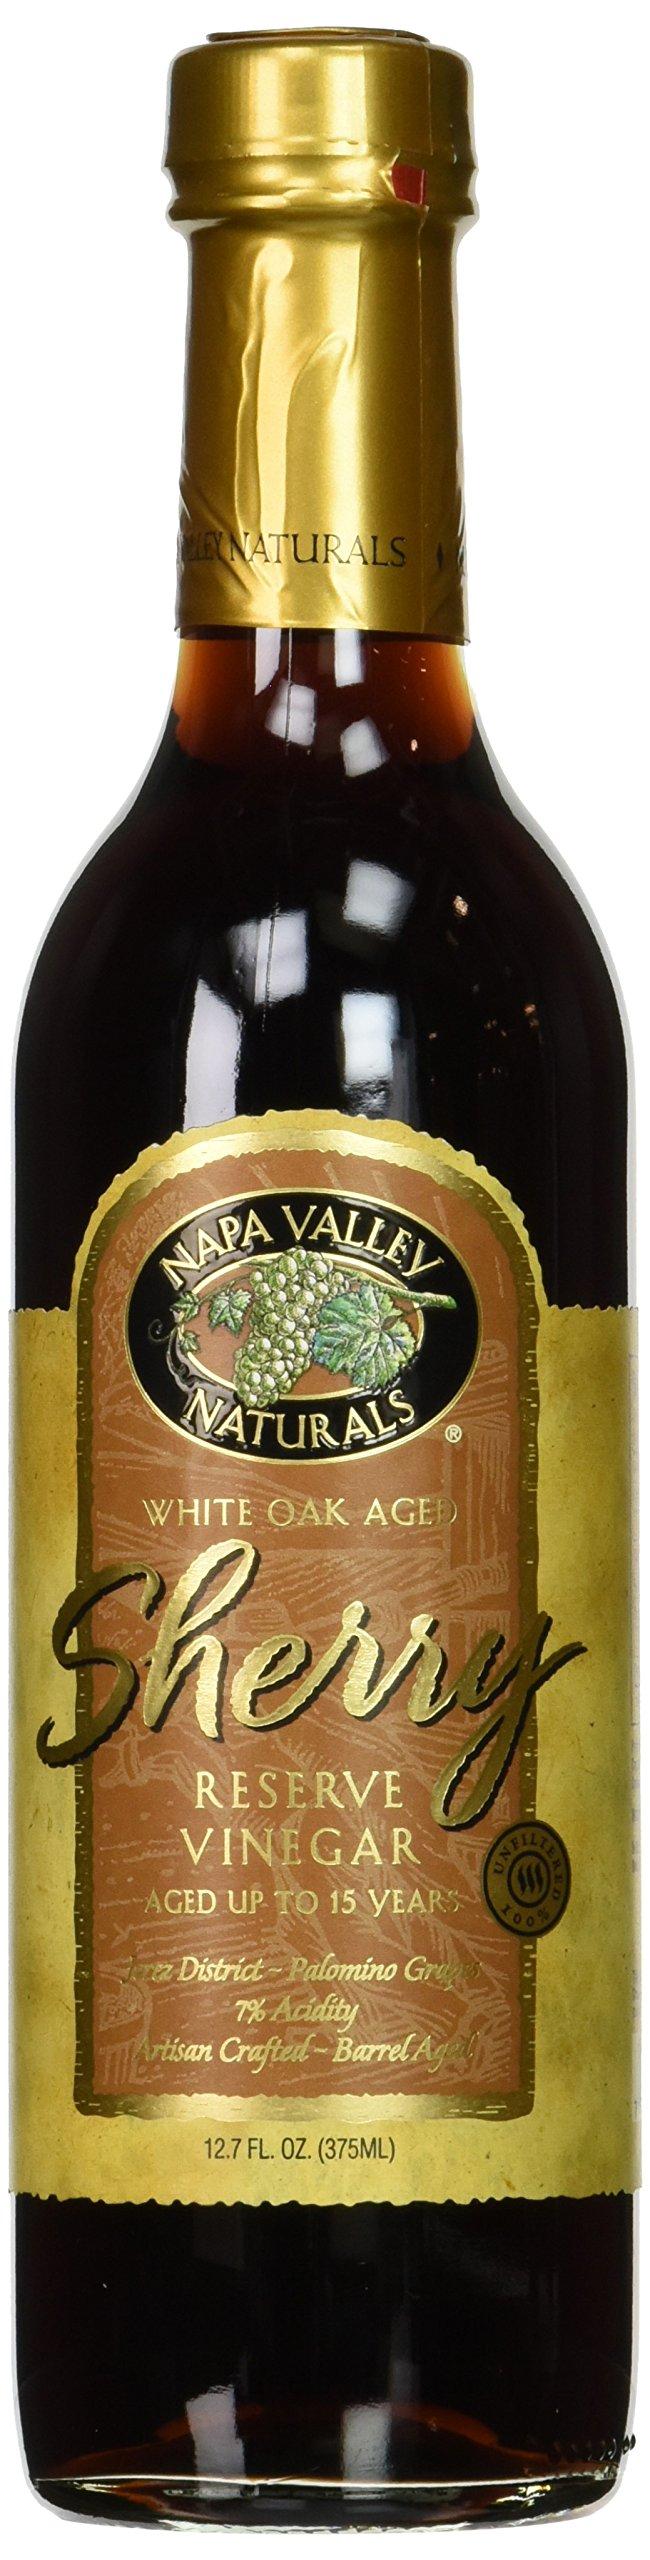 Napa Valley, Sherry Vinegar, 12.7 oz